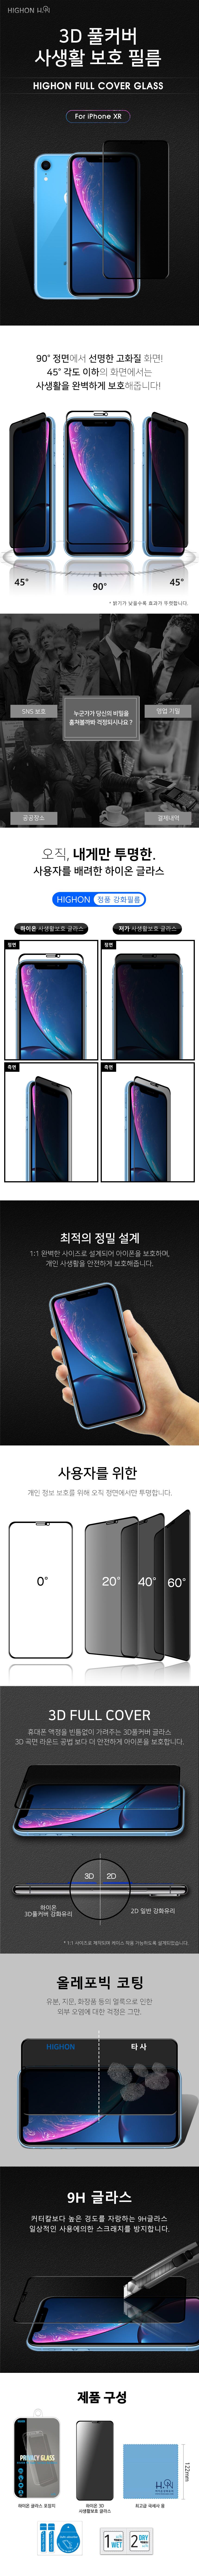 아이폰11PRO 사생활보호 3D풀커버강화유리필름 - 하이온, 10,500원, 필름/스킨, 아이폰XS MAX